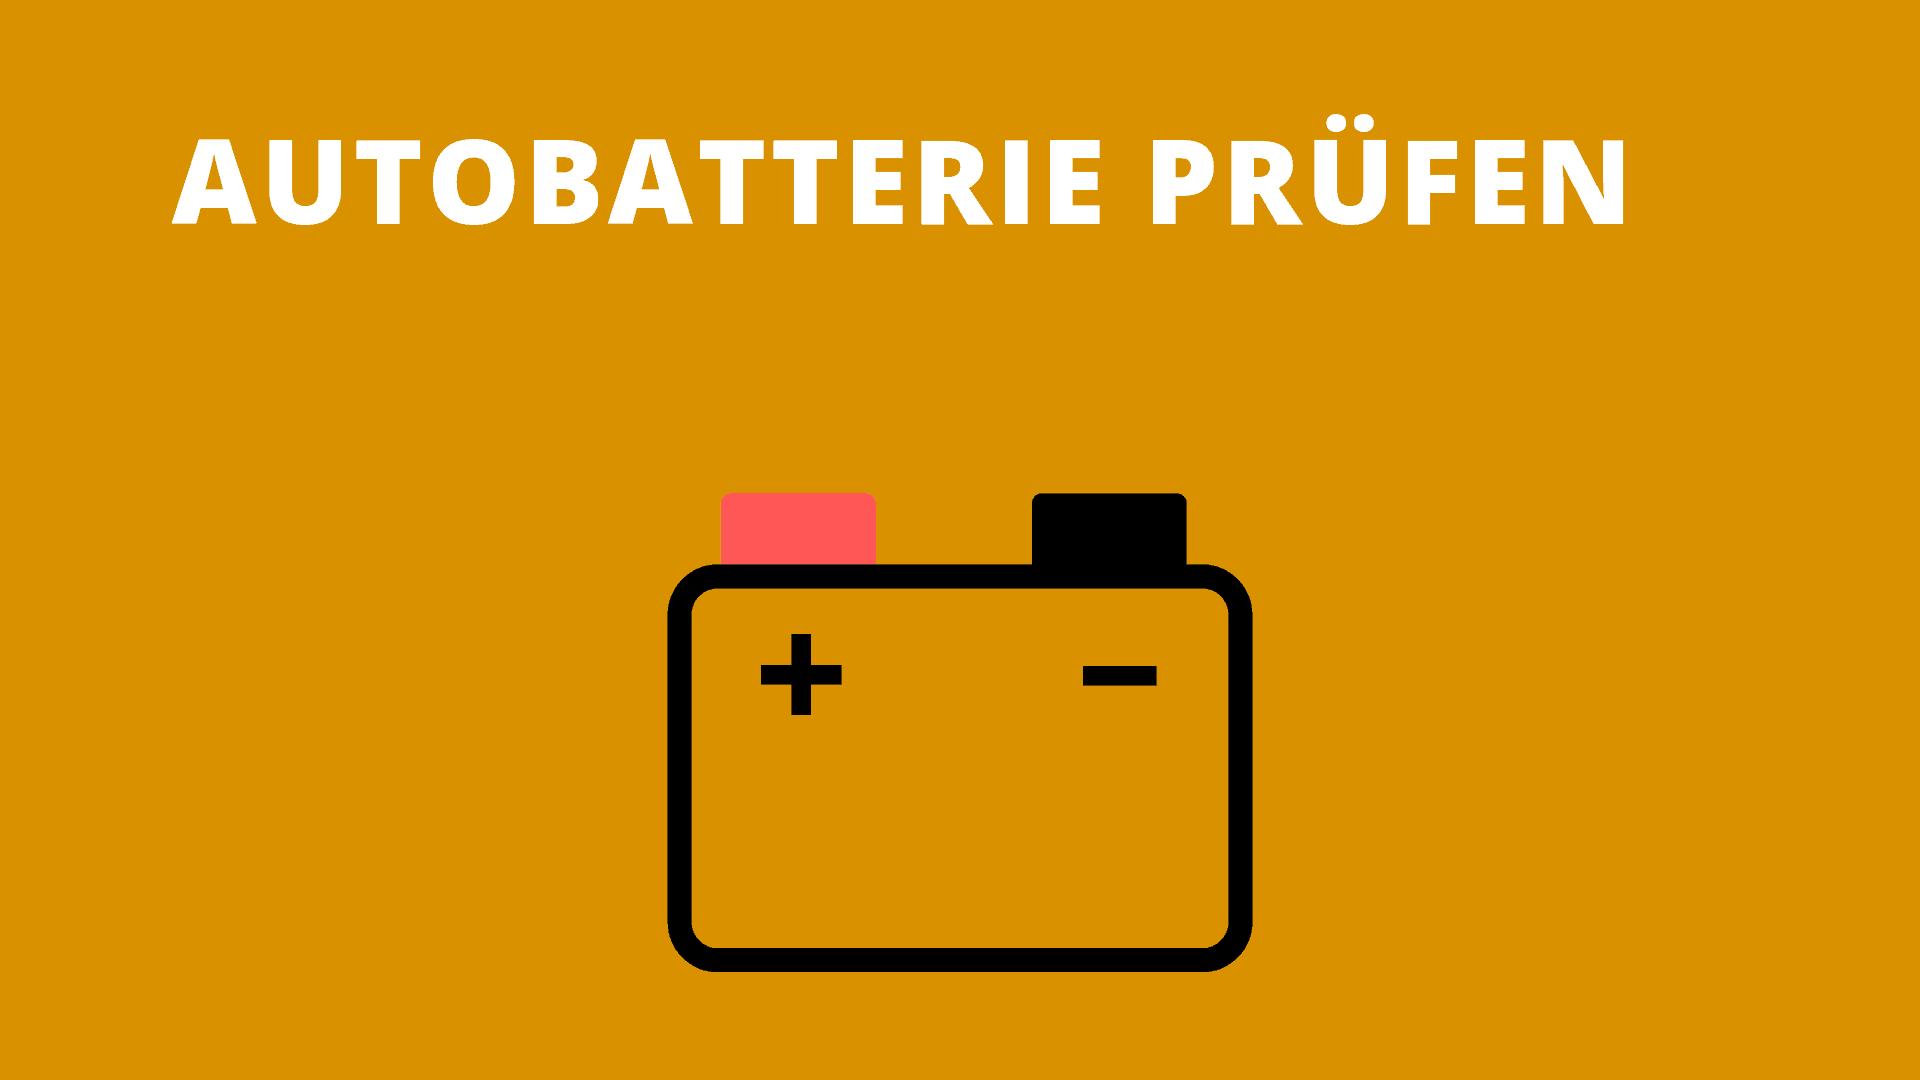 Autobatterie prüfen: Spannung mit Multimeter messen